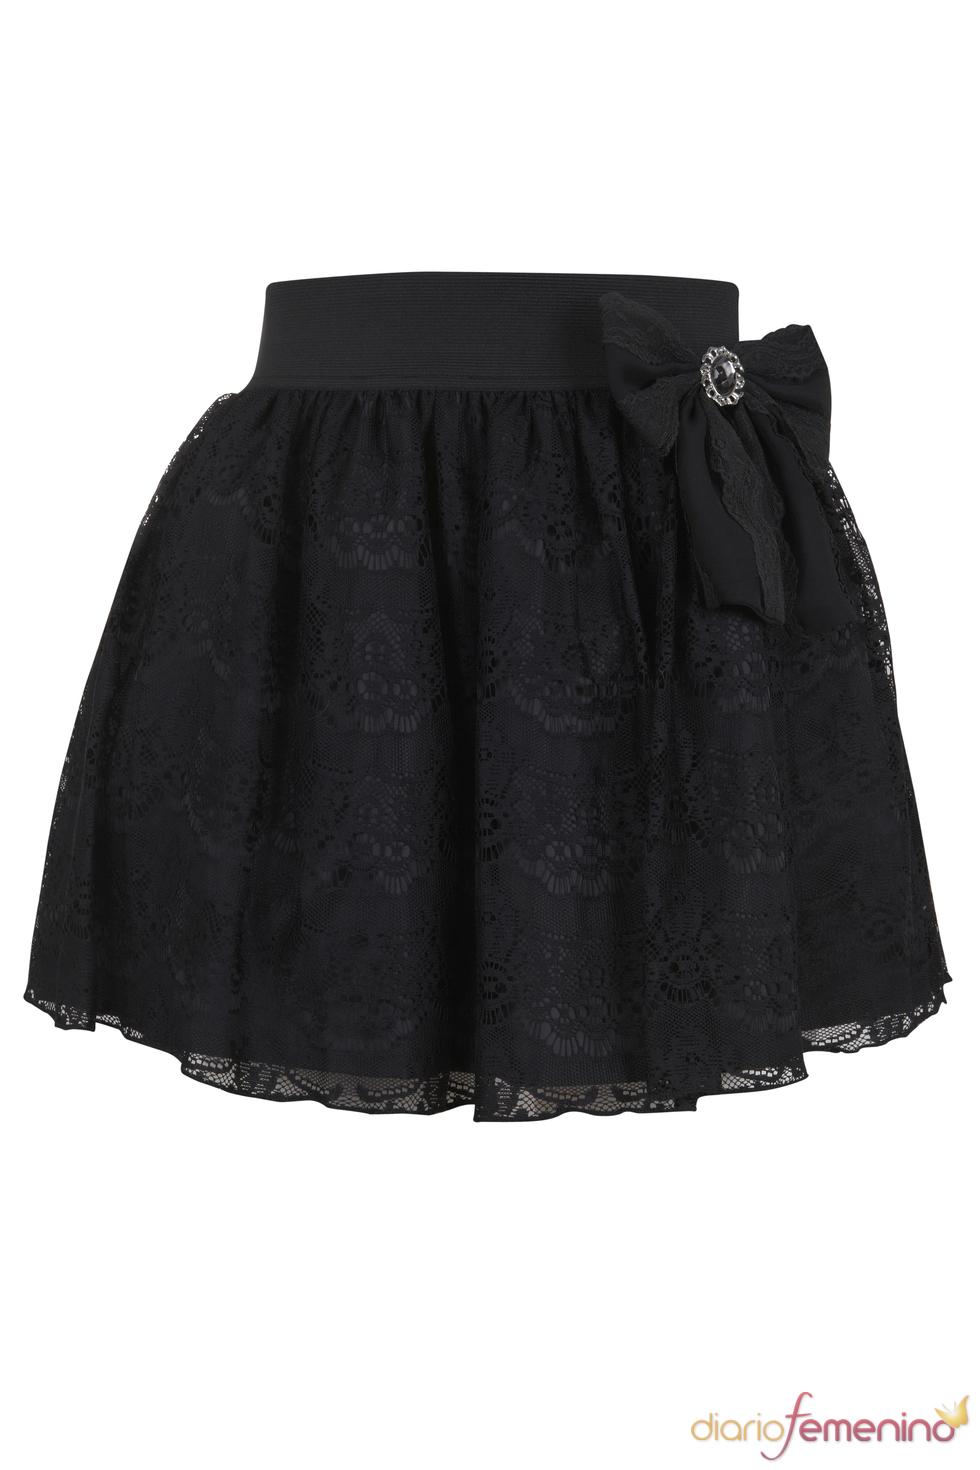 Bajo falda derecho buap 2 9